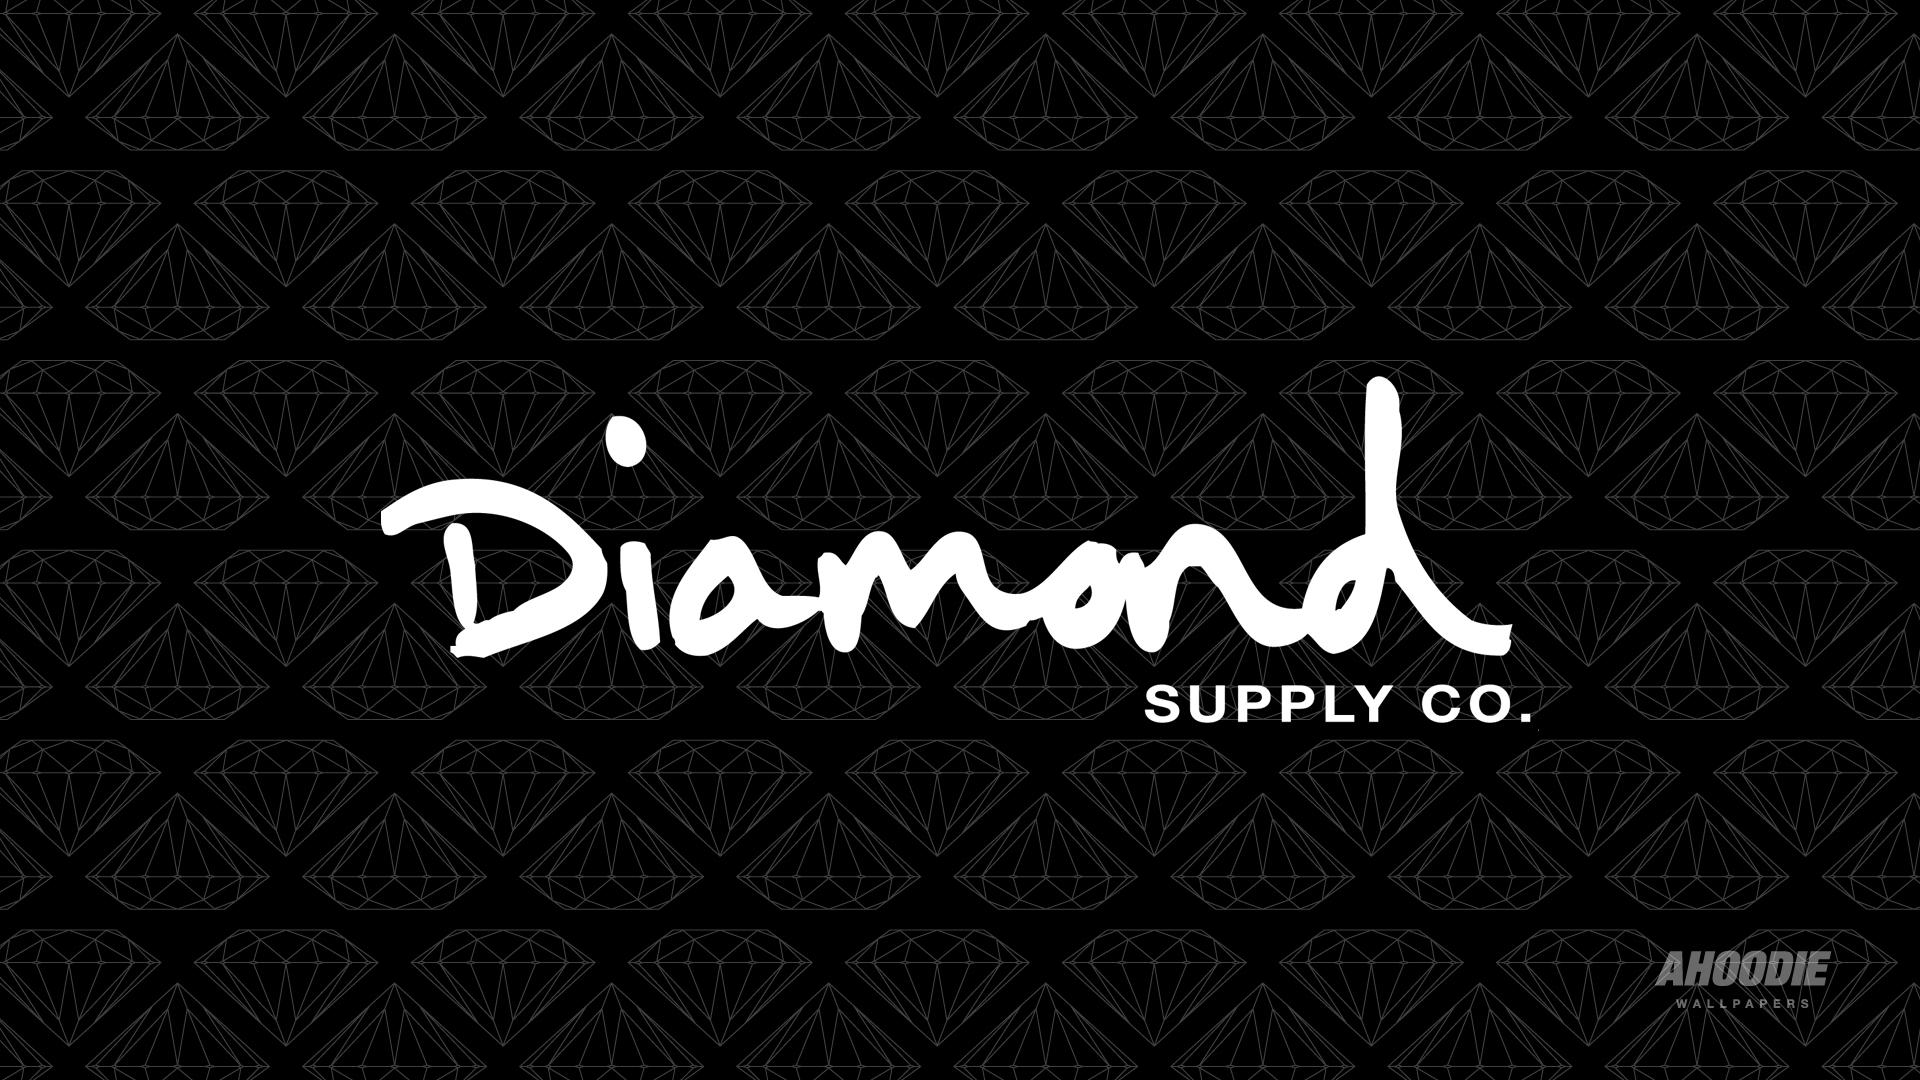 9 Diamond Supply Co Desktop Wallpapers | WPPSource